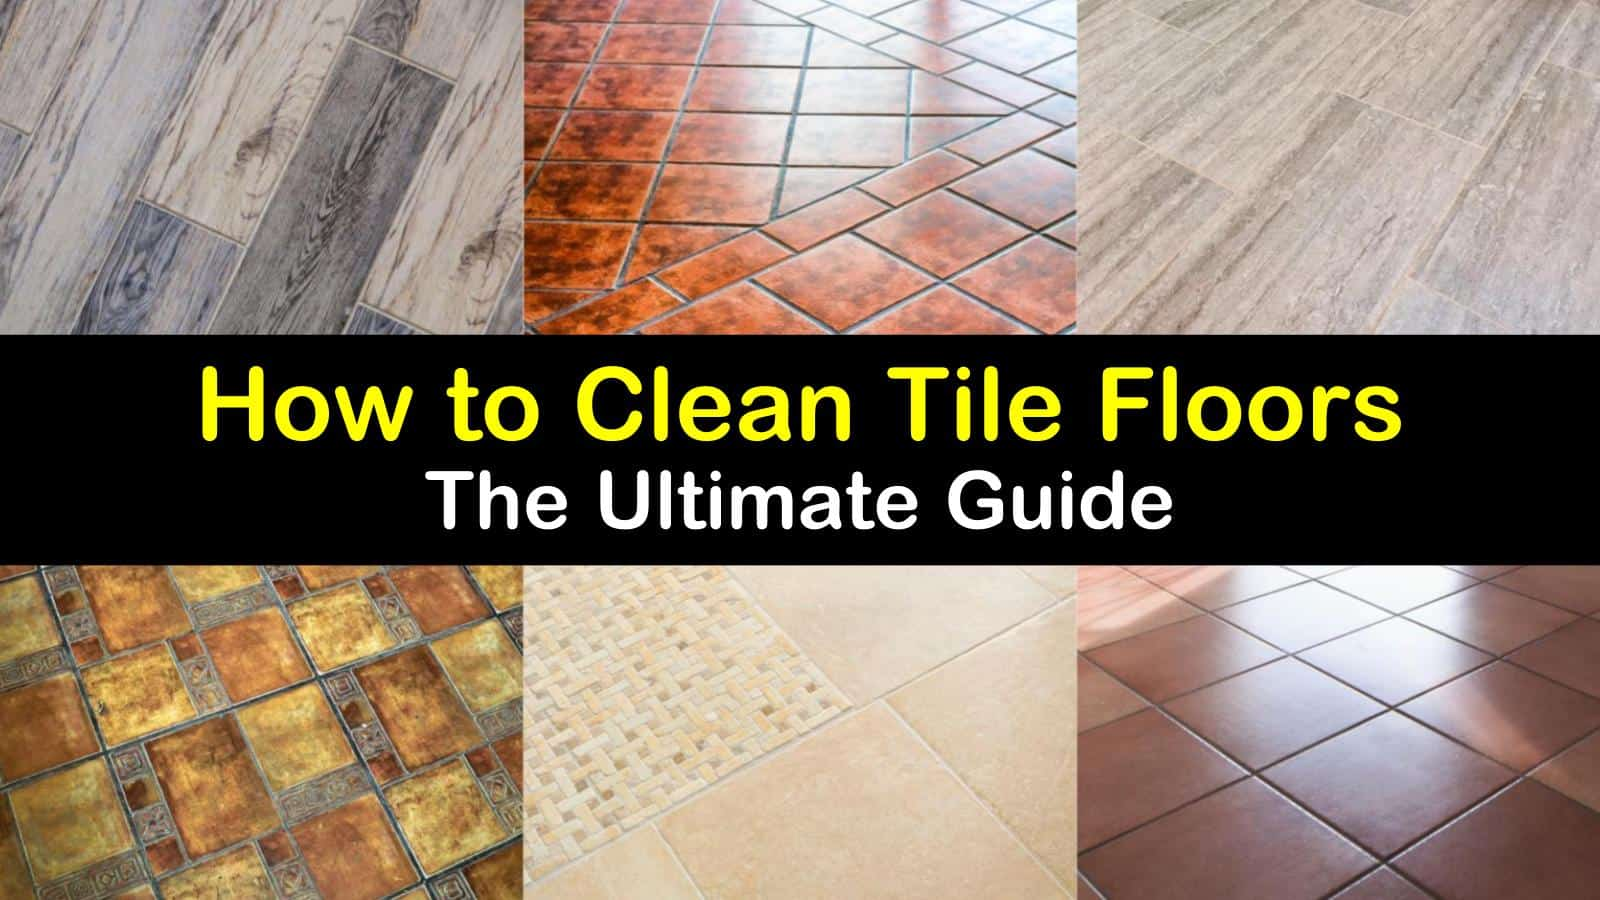 21 versatile ways to clean tile floors